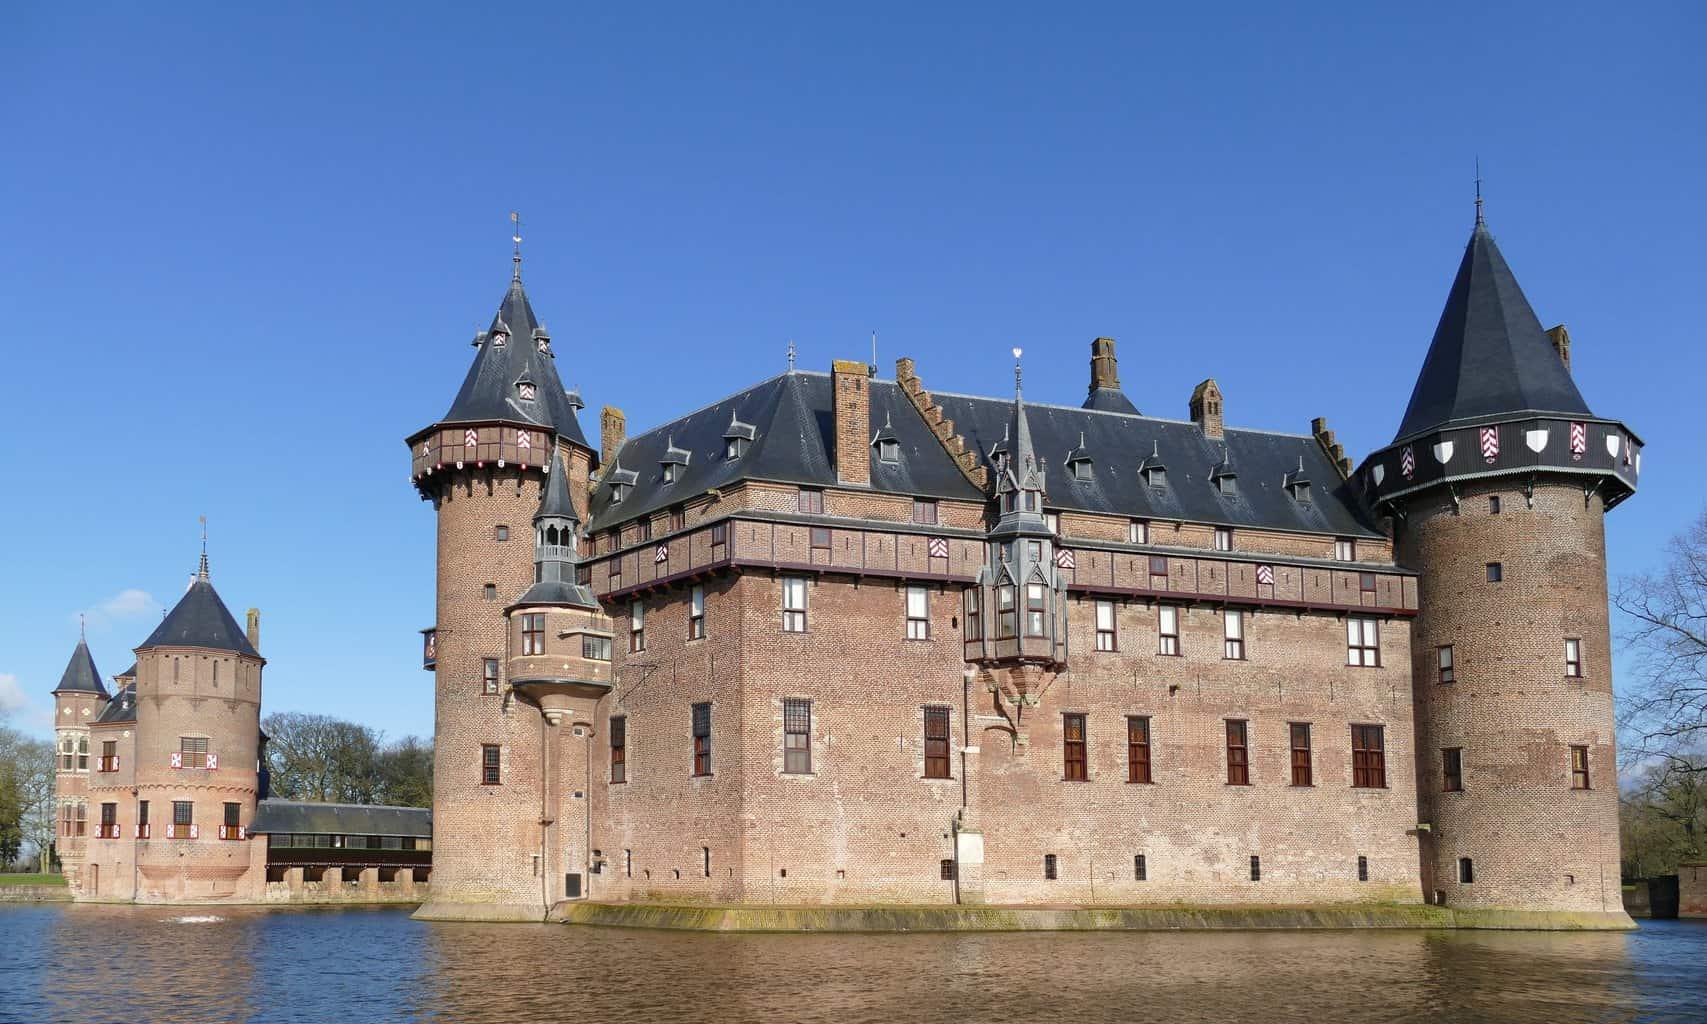 Castle de Haar in Utrecht, Netherlands.